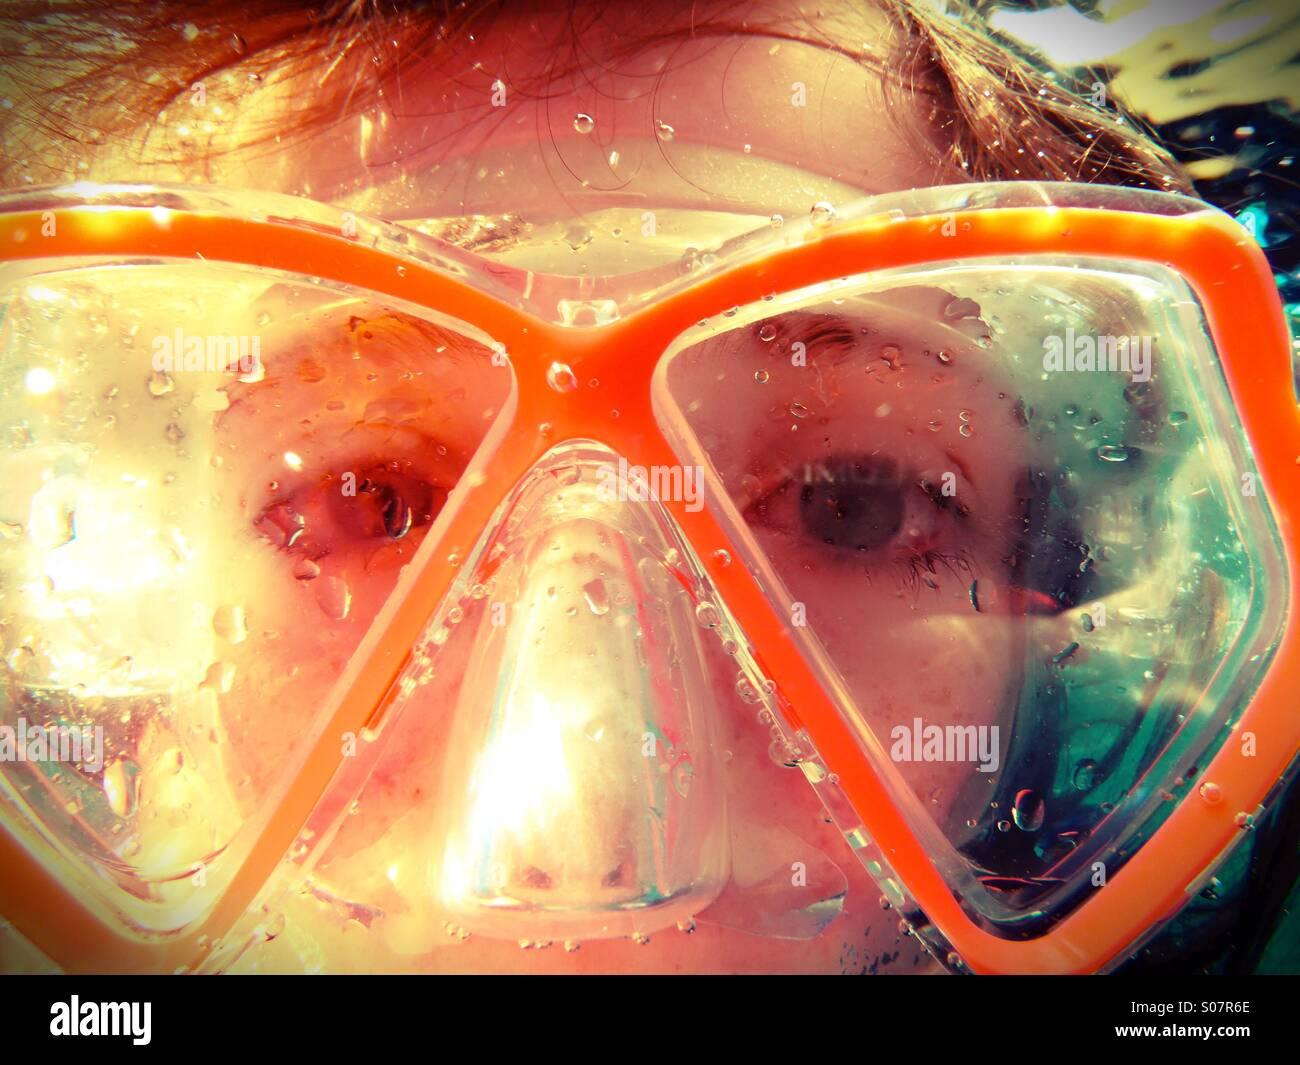 Les yeux sous l'eau - fille diver portant ces lunettes Photo Stock